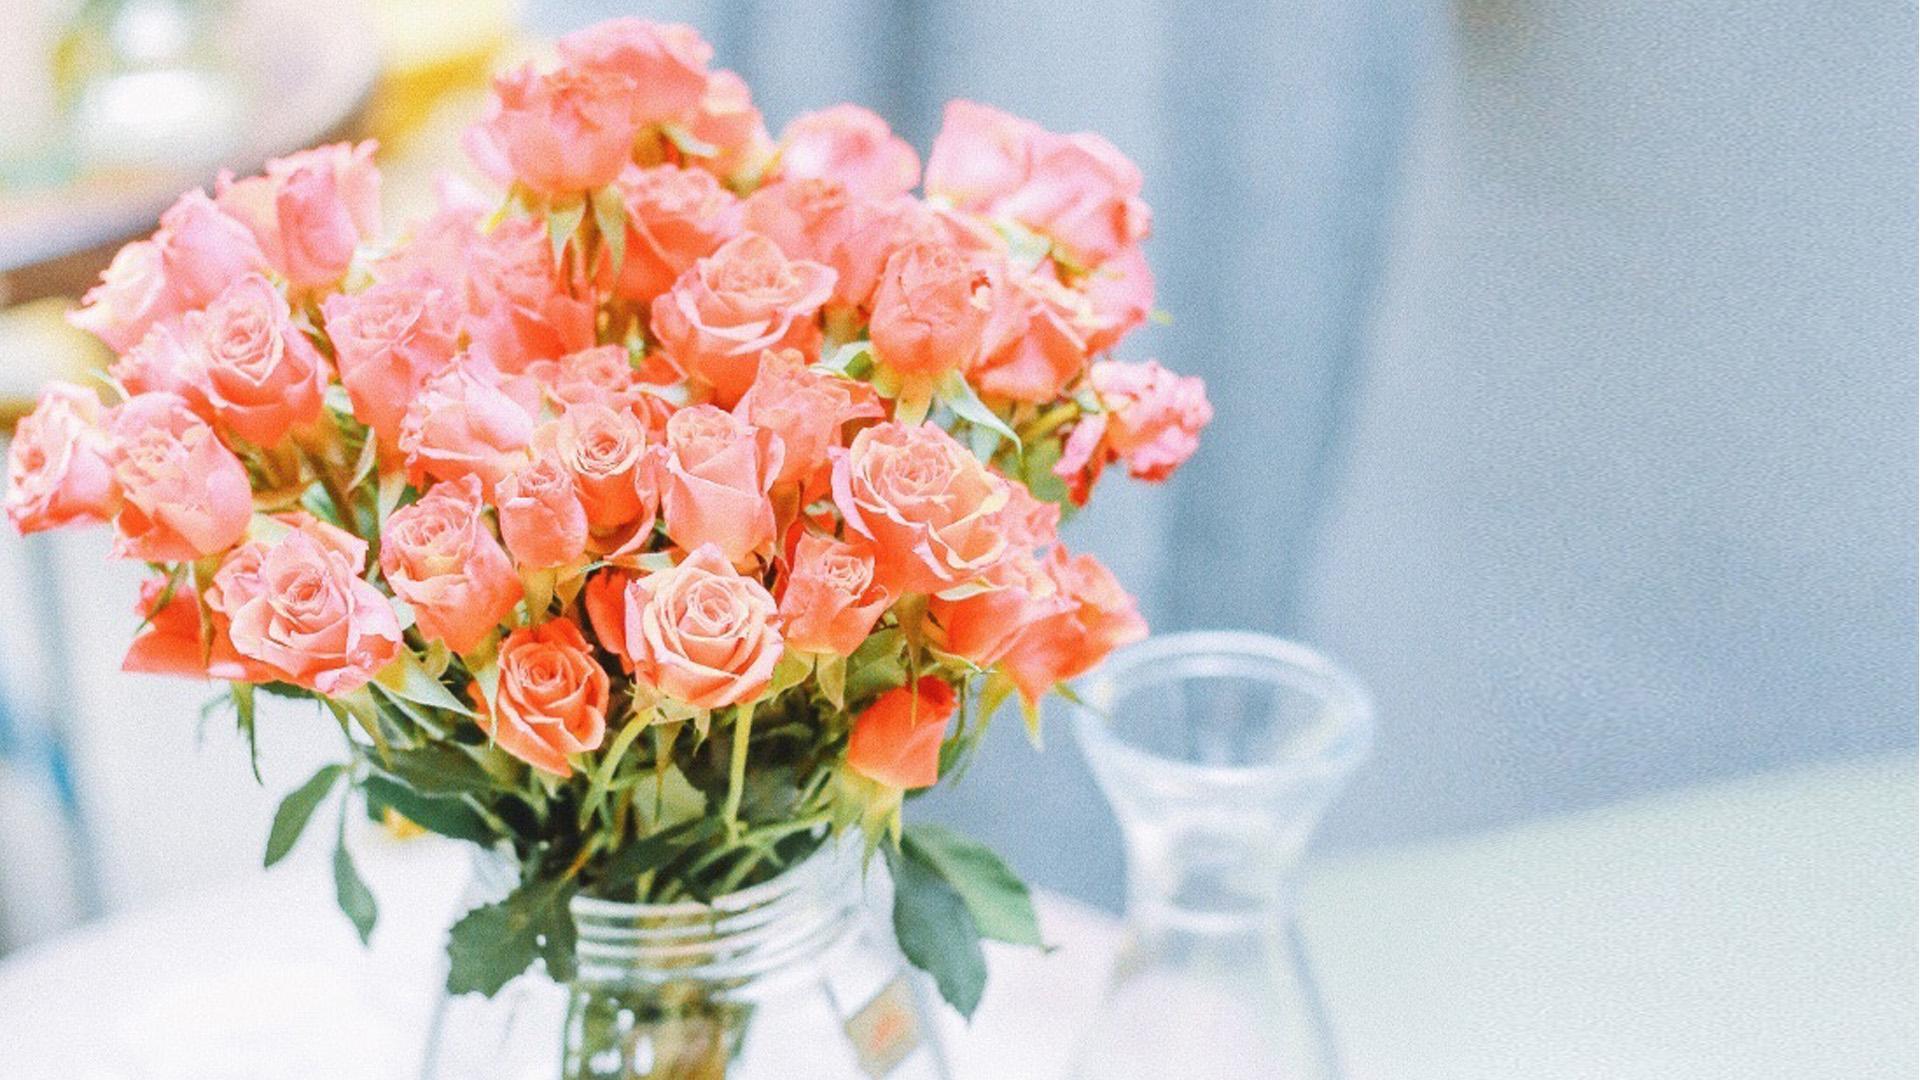 喜欢一个人内心伤感的爱情语录:我会在你看不到的地方,一直陪着你